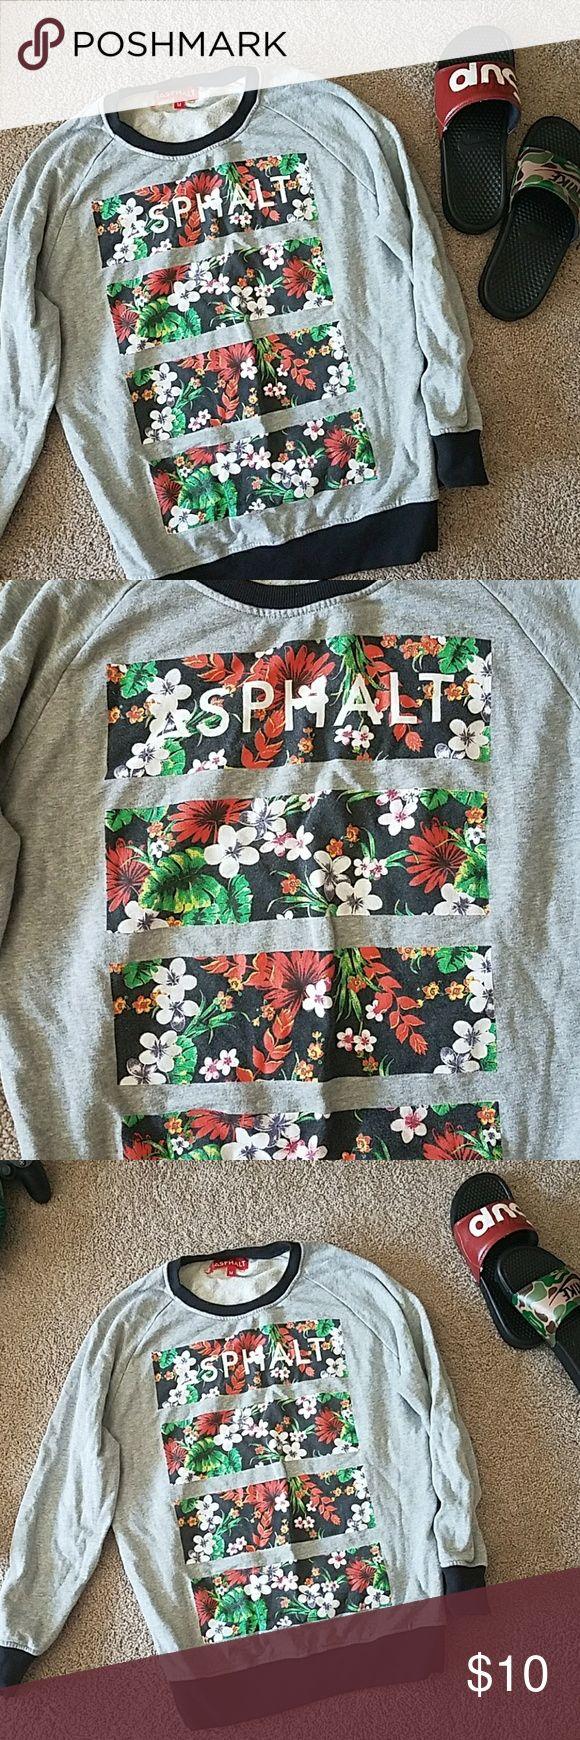 Asphalt sweatshirt Barely used asphalt sweatshirt supreme Sweaters